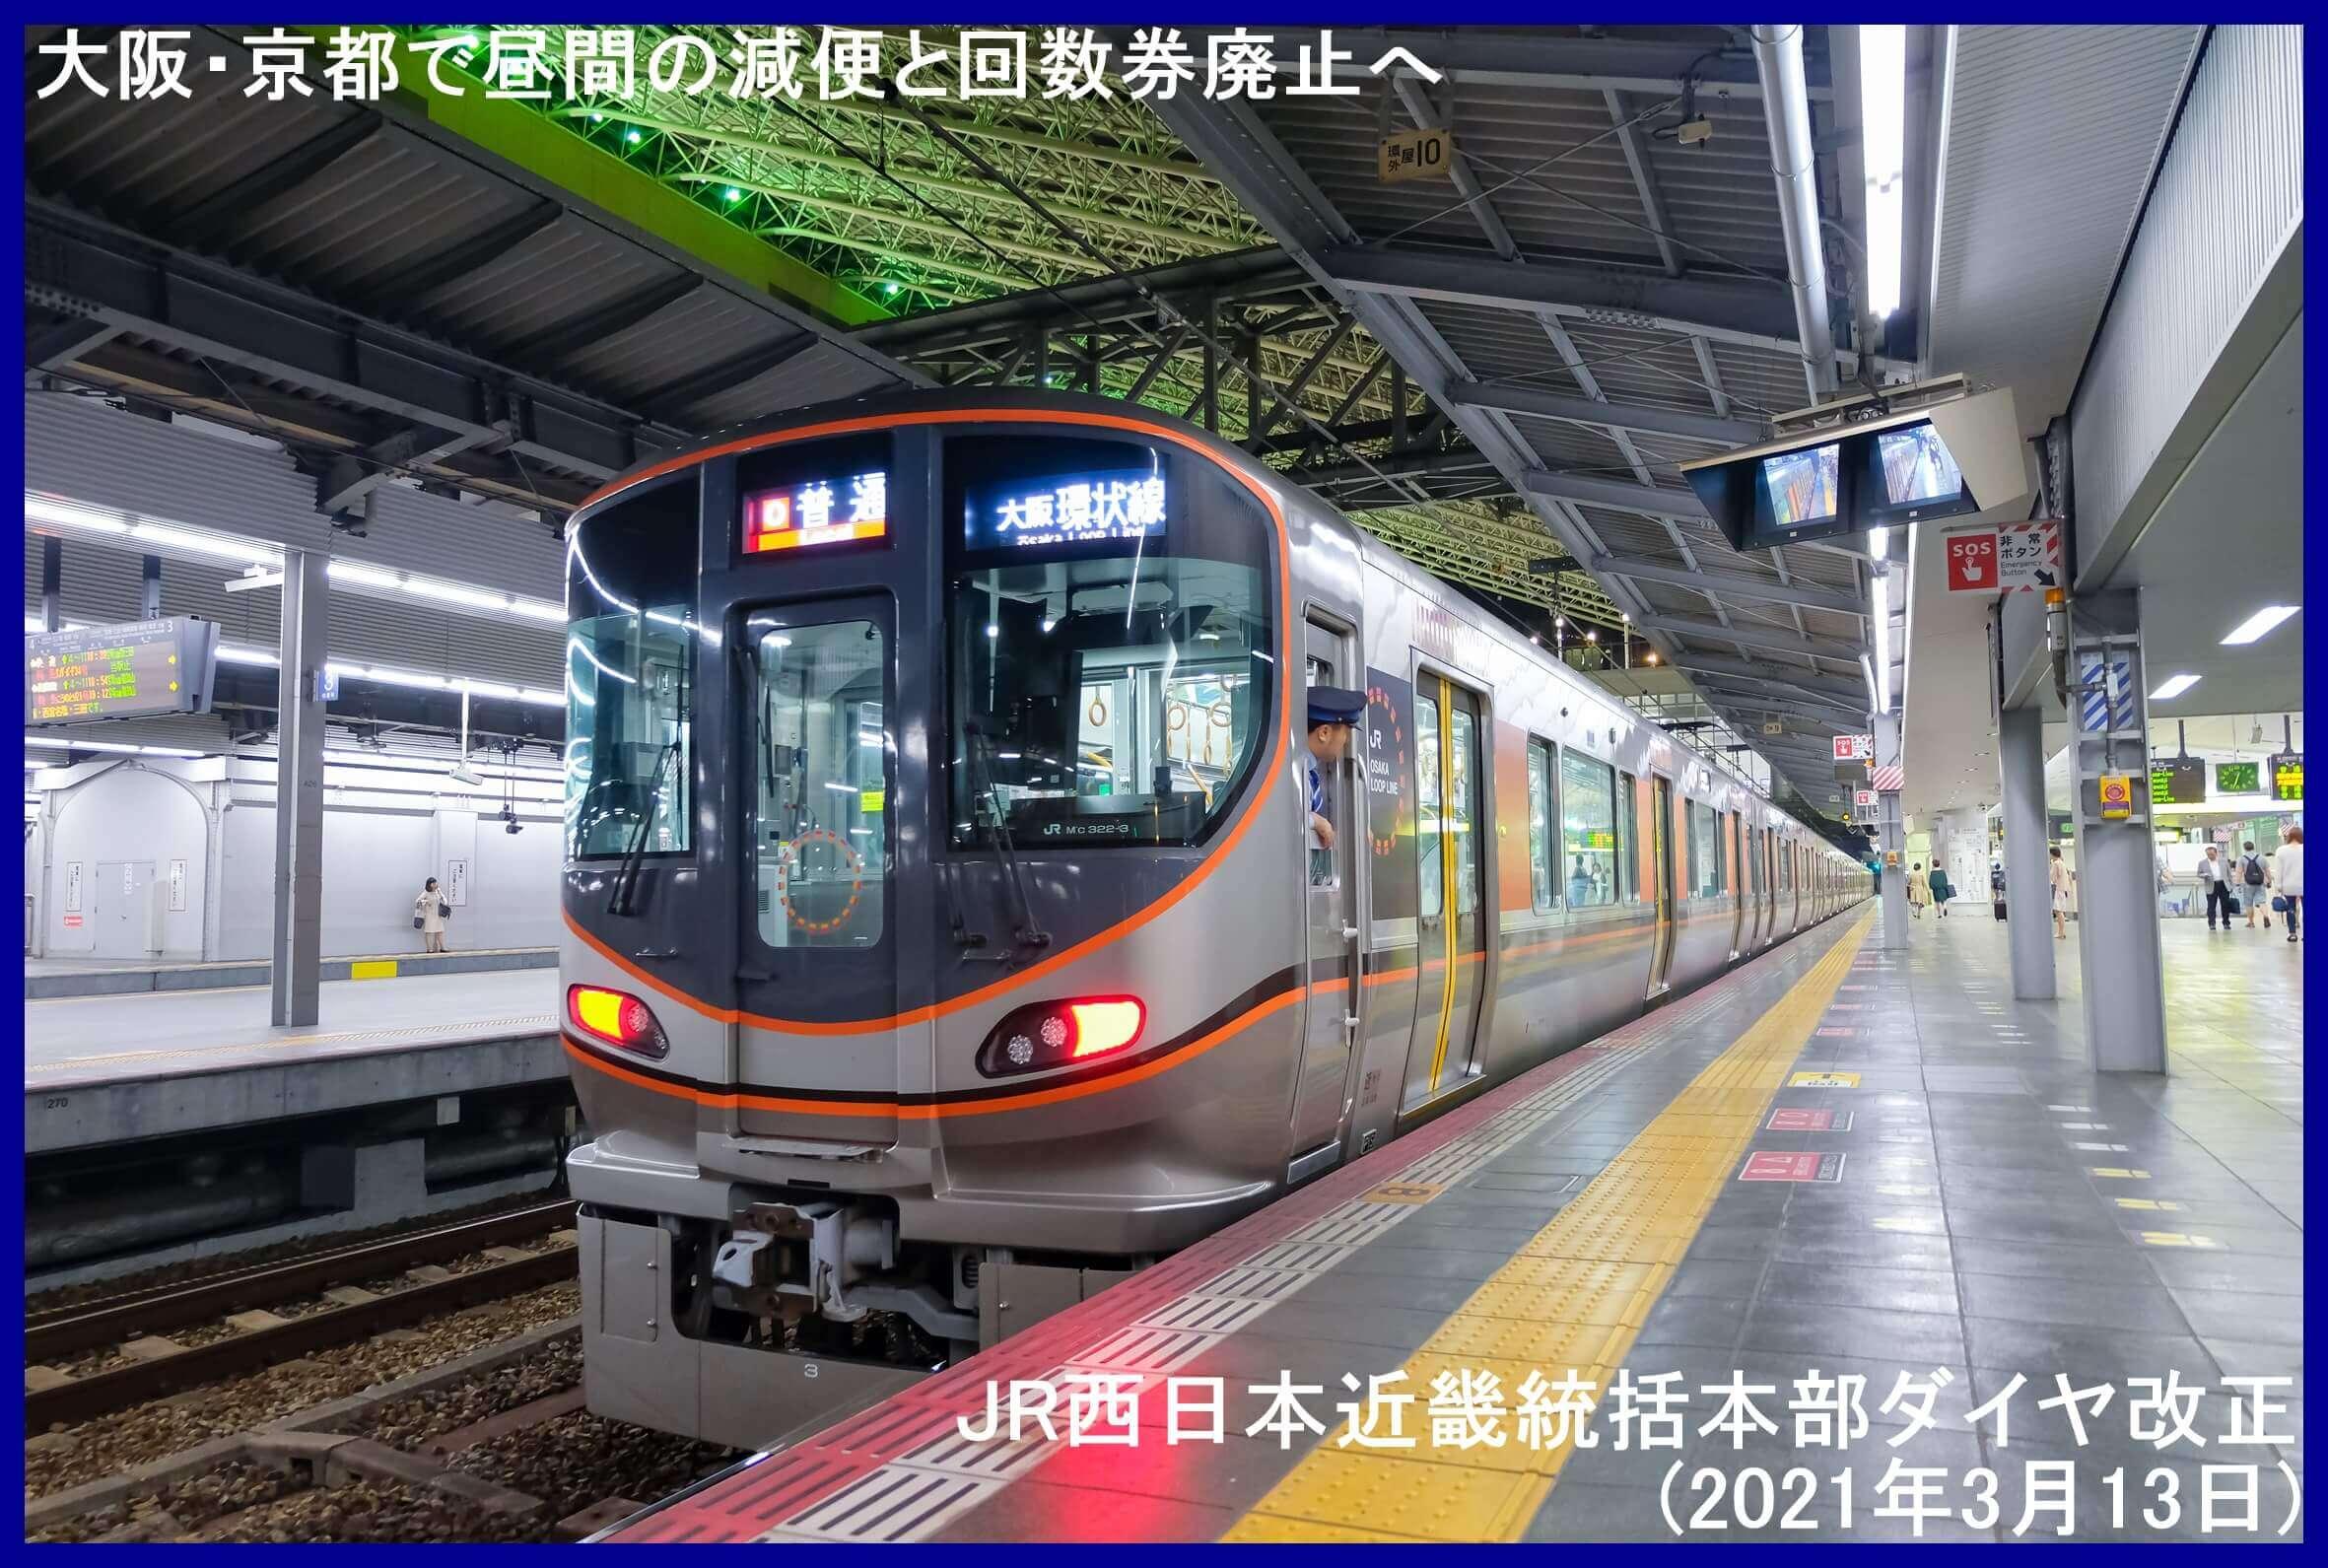 大阪・京都で昼間の減便と回数券廃止へ JR西日本近畿統括本部ダイヤ改正(2021年3月13日)